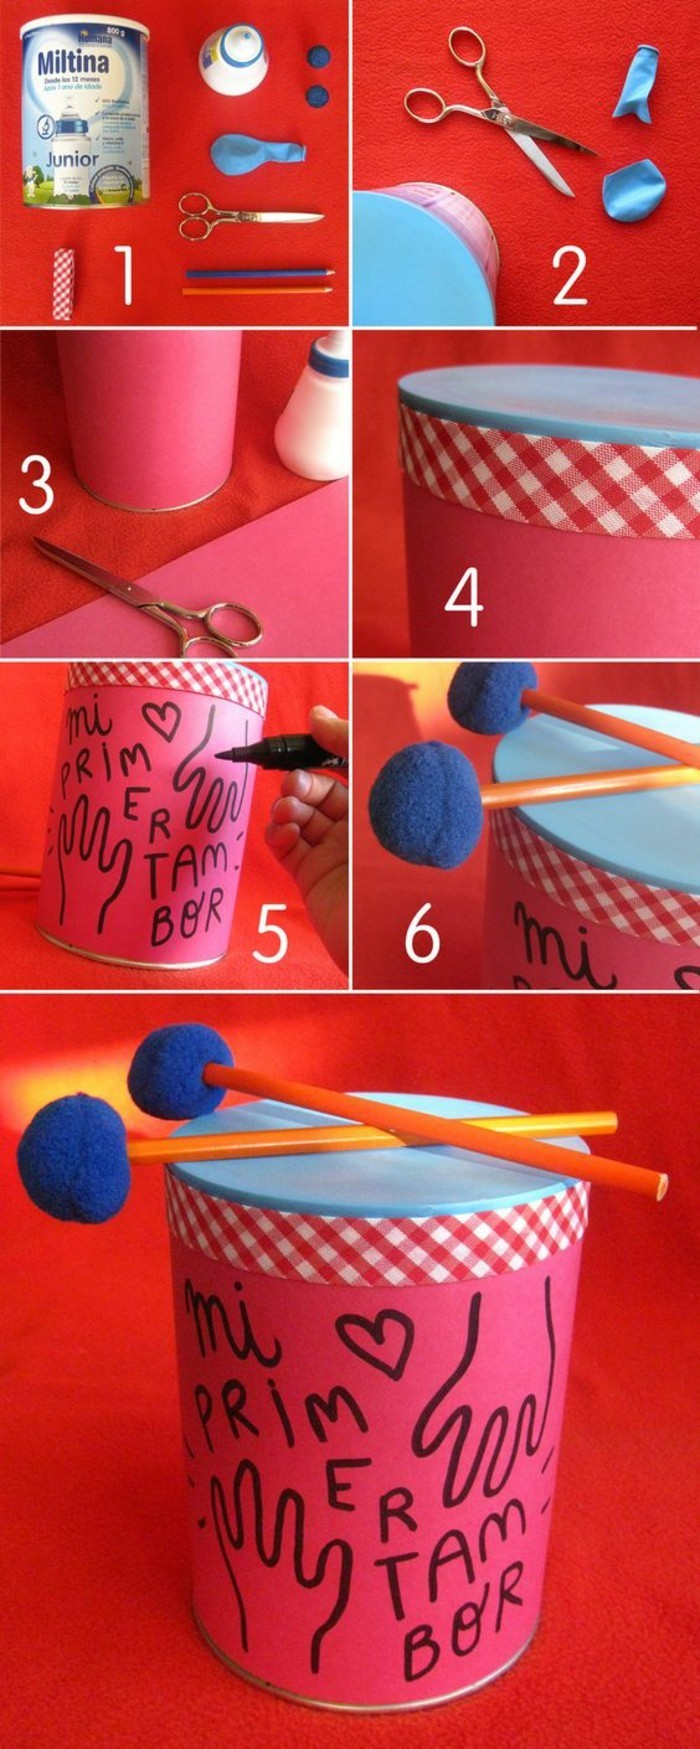 barattoli-in-latta-idea-fai-da-te-tamburo-decorata-carta-colore-rosa-scritte-tessuto-azzurro